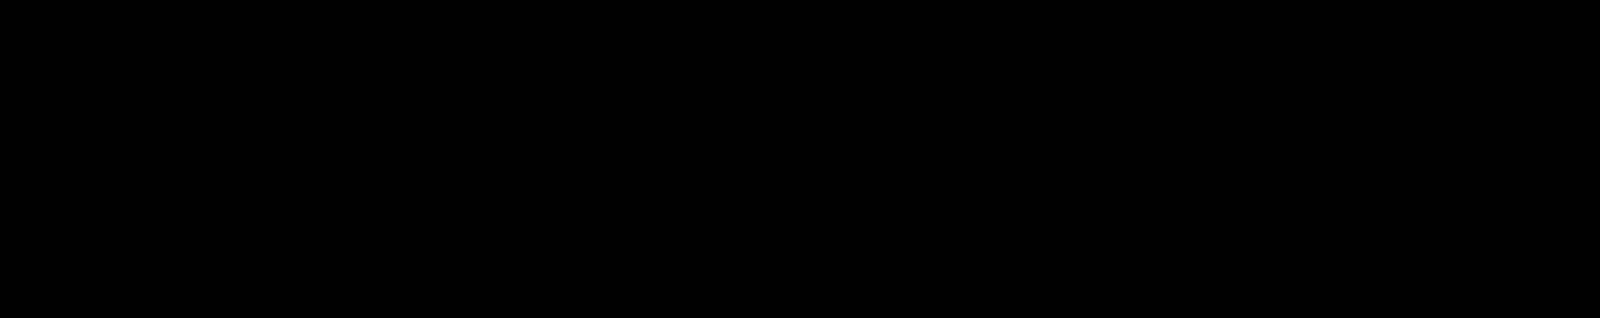 Logo%2BFingerprint%2BMask.png